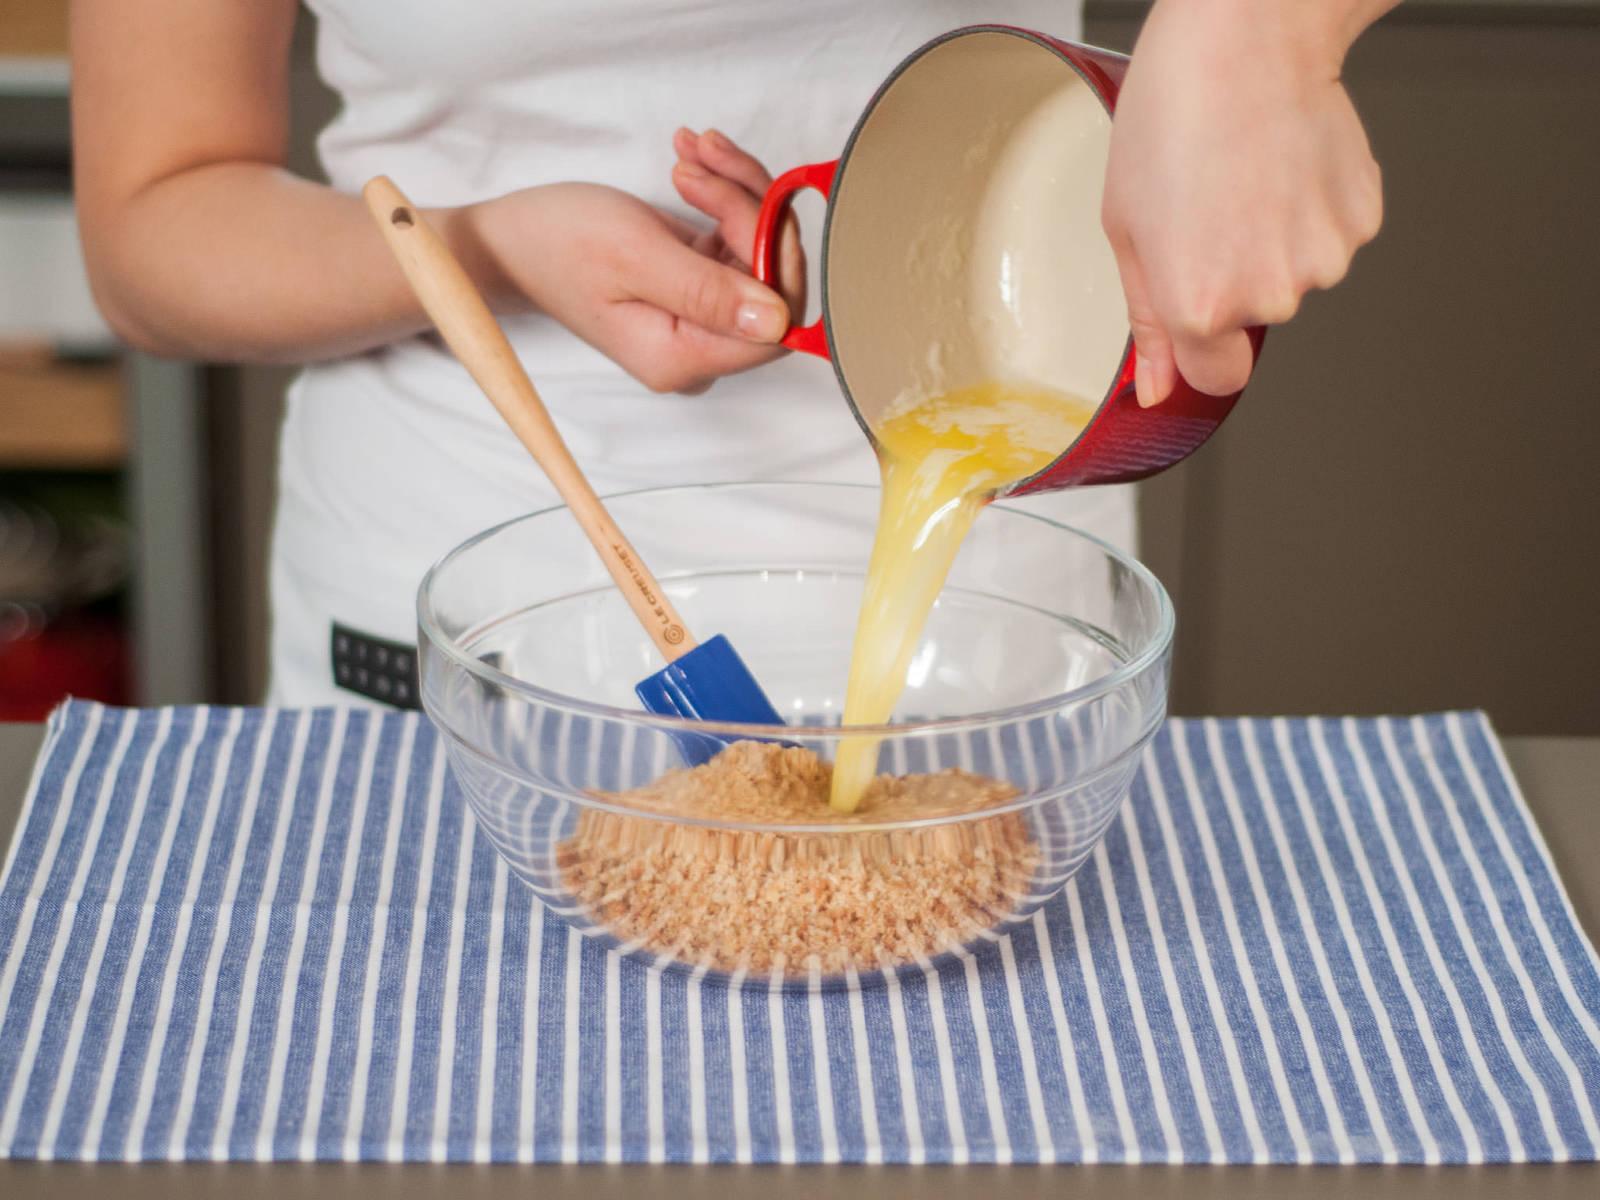 用中低温将黄油在小锅中融化,然后倒入放有饼干屑的大碗中,搅拌均匀。